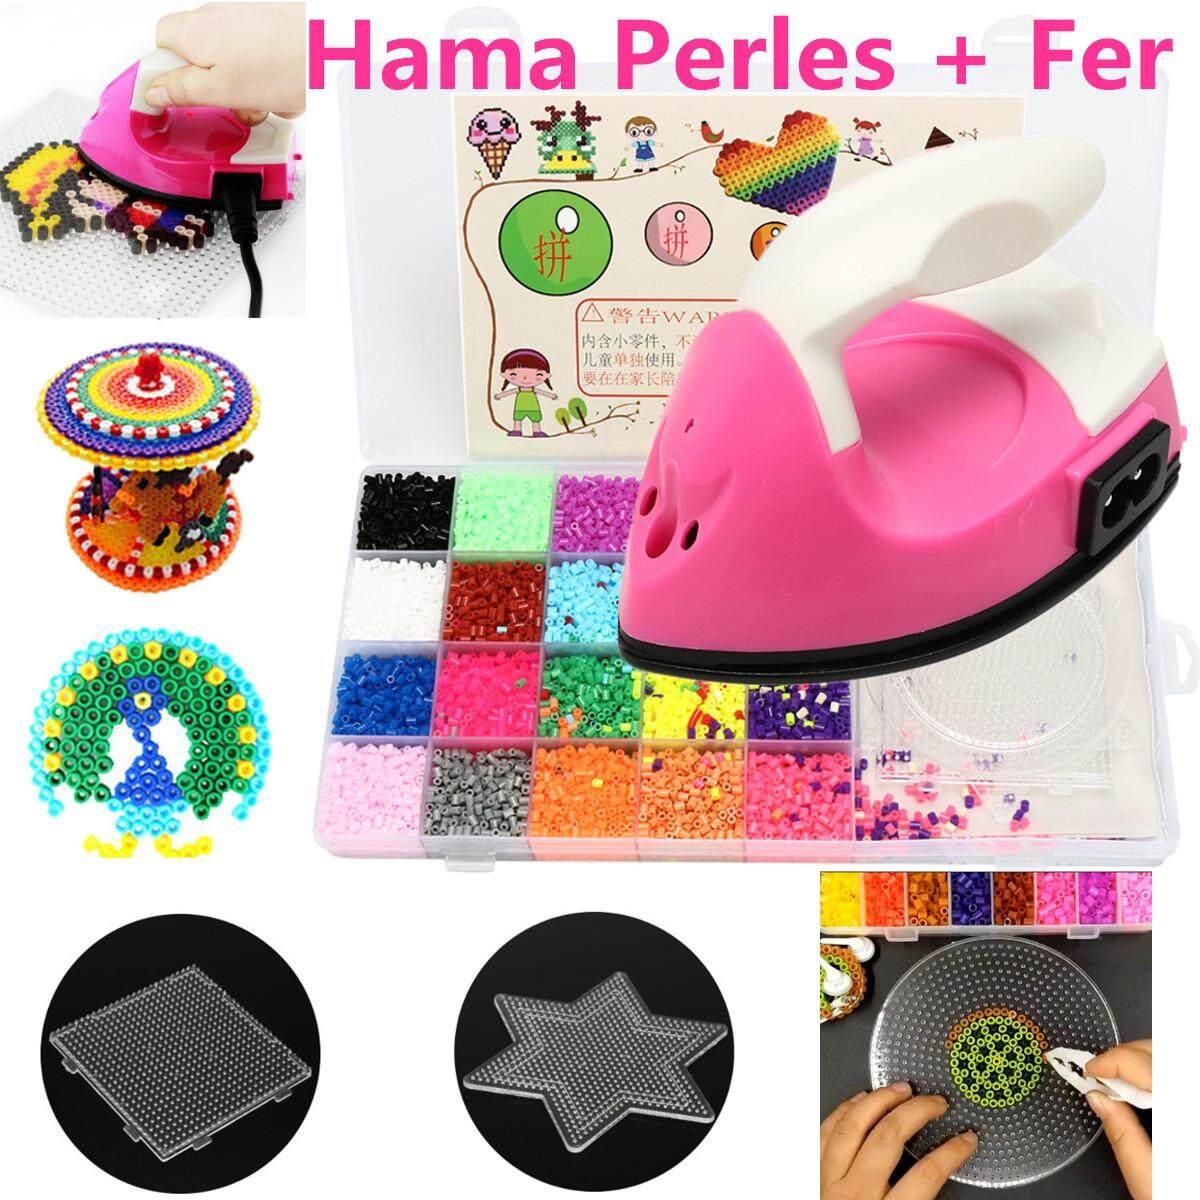 ชุดลูกปัดรีดเตารีดขนาดเล็กสำหรับ Hama Perler ลูกปัดแม่แบบเด็ก Handmade แบบพกพา Diy อุปกรณ์ของขวัญ.